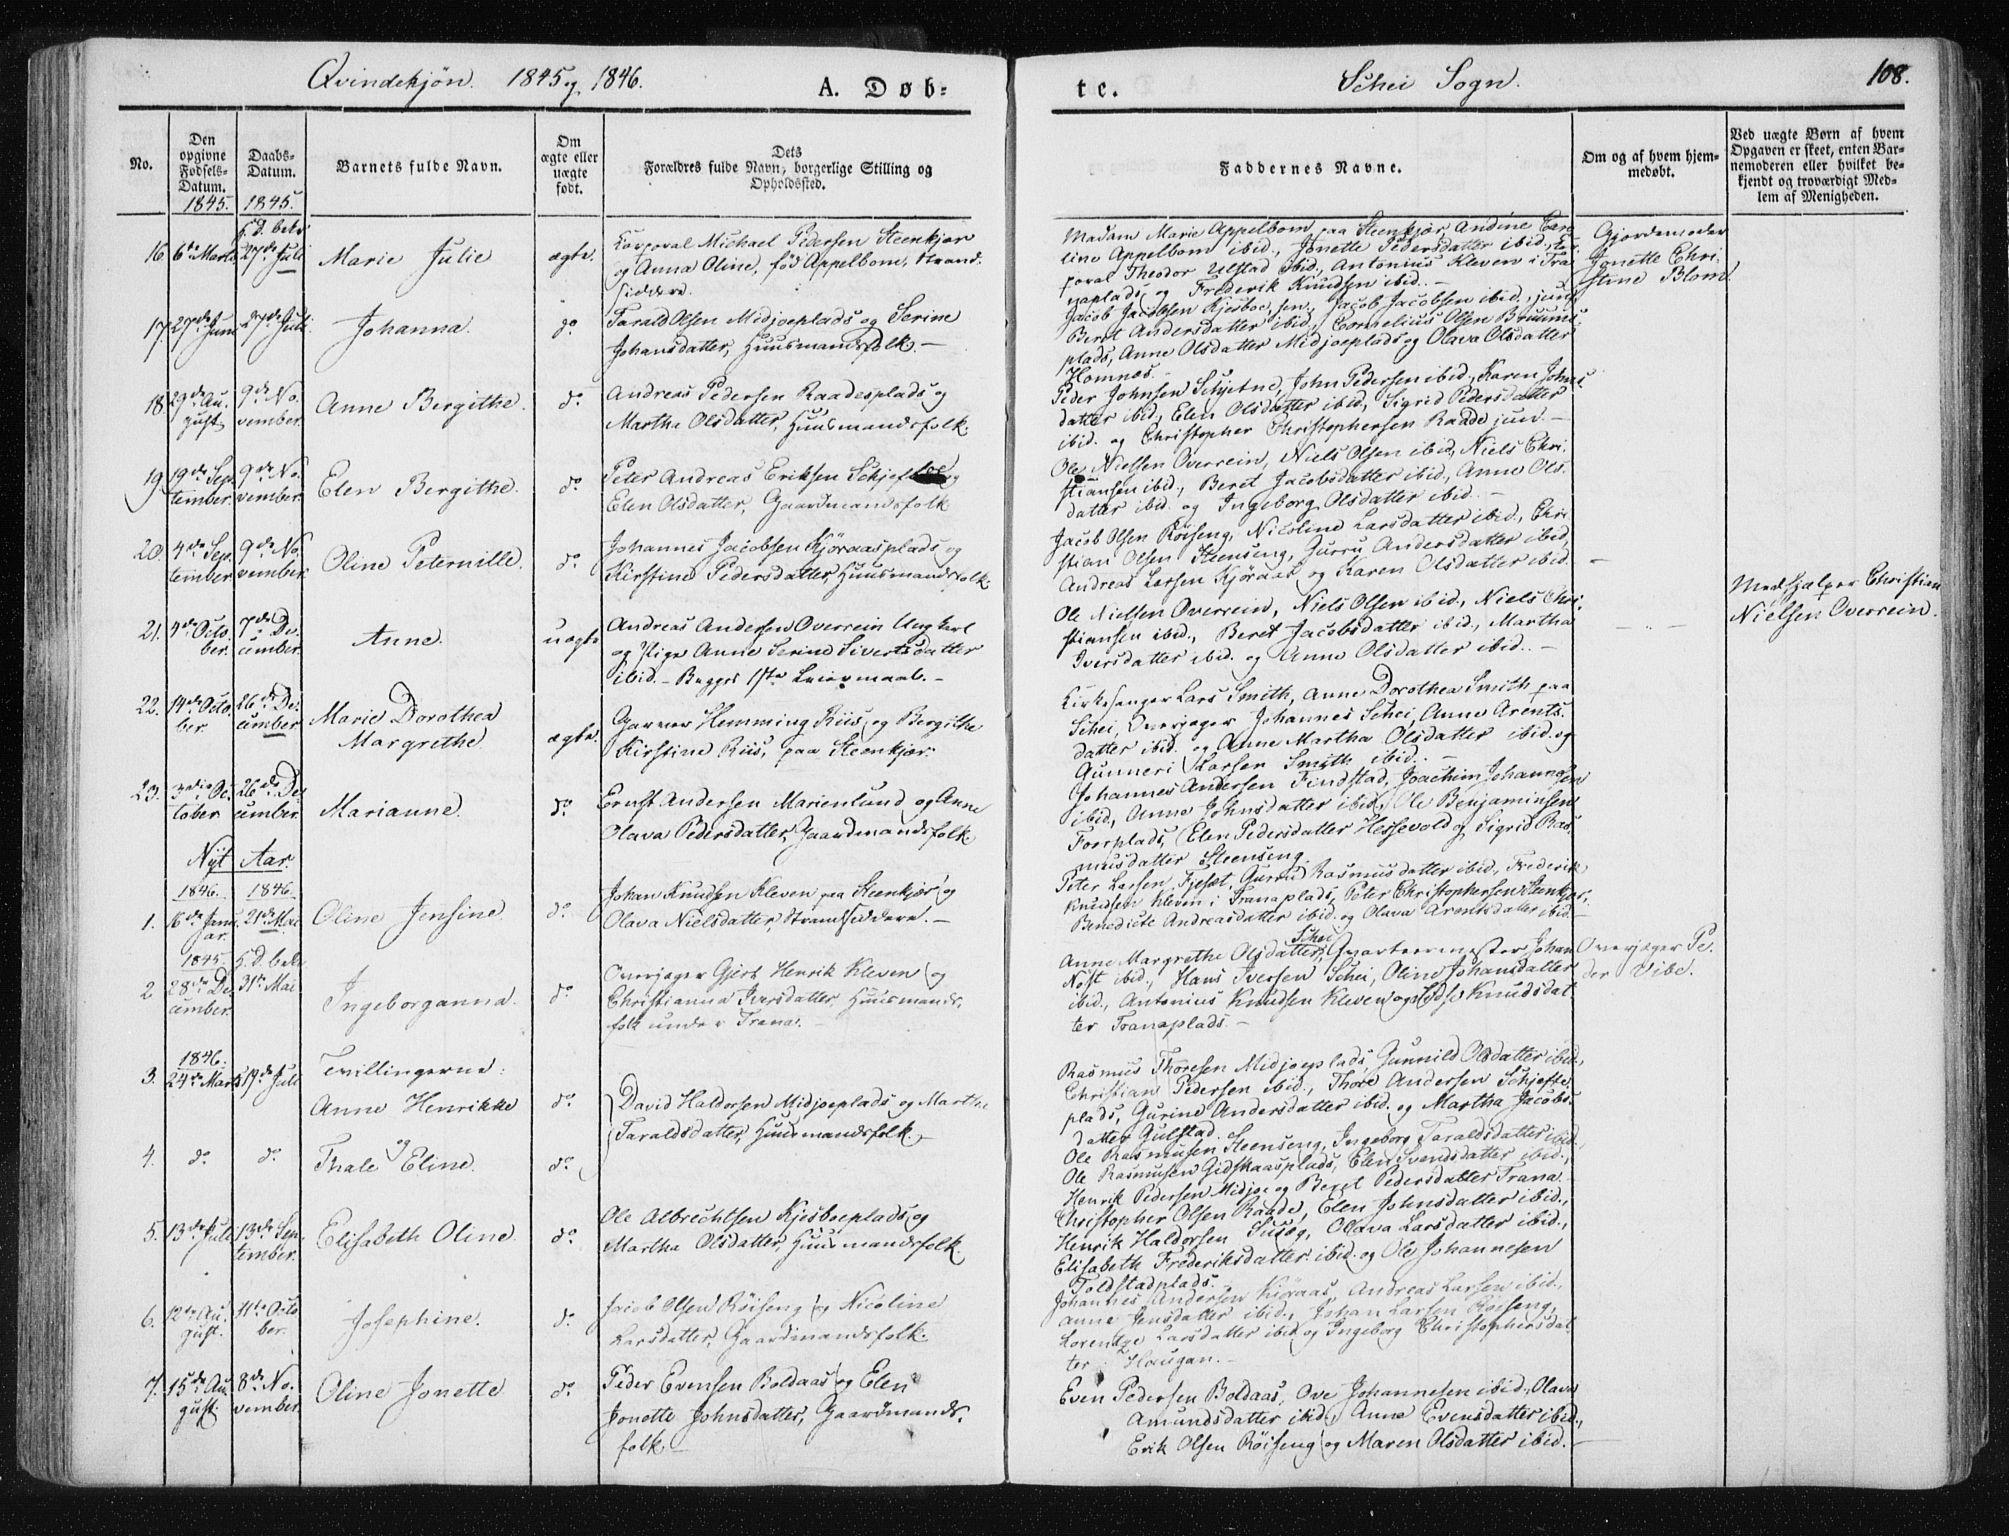 SAT, Ministerialprotokoller, klokkerbøker og fødselsregistre - Nord-Trøndelag, 735/L0339: Ministerialbok nr. 735A06 /2, 1836-1848, s. 108